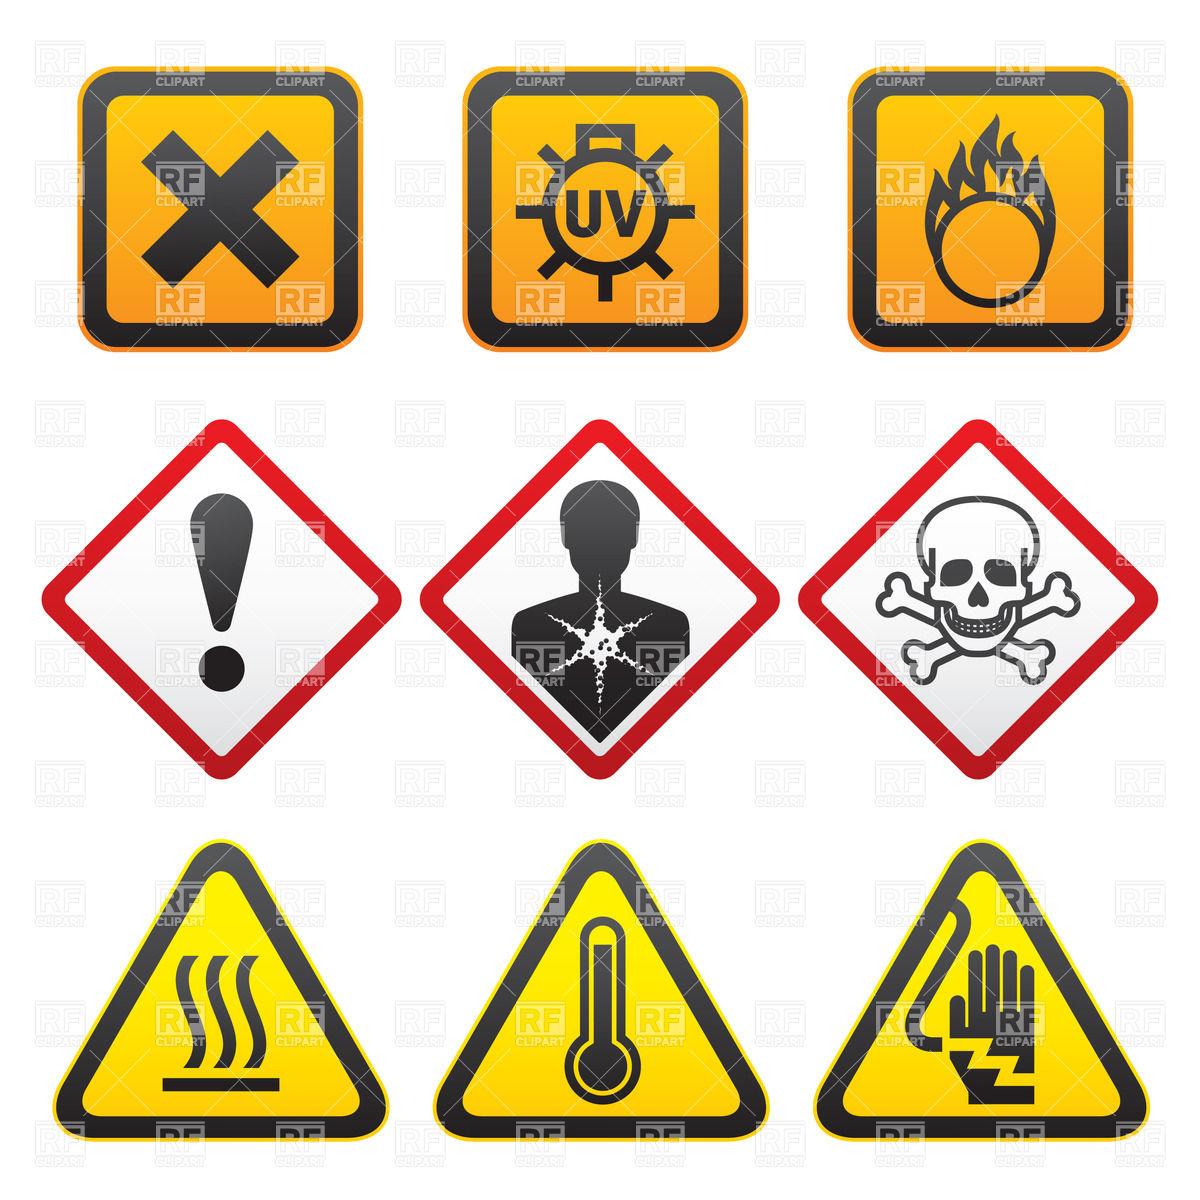 Warning symbols and hazard signs Stock Vector Image.